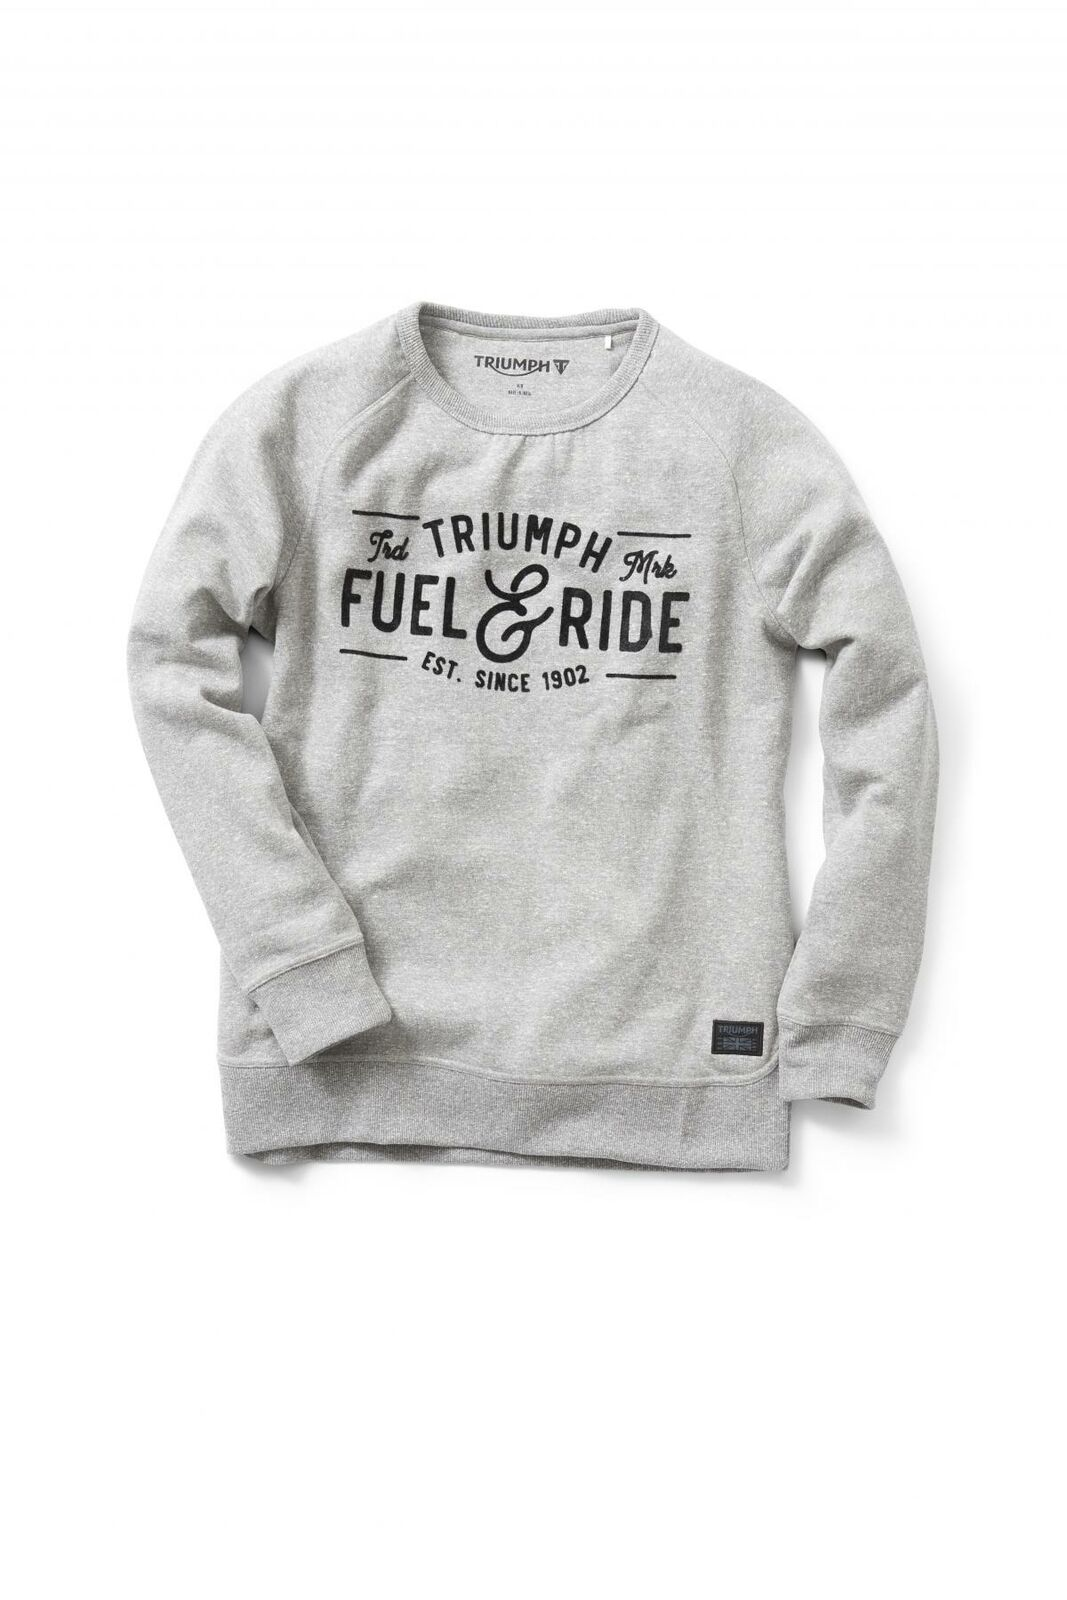 Triumph Motorcycles Dermot Sweatshirt grau grau grau 224310